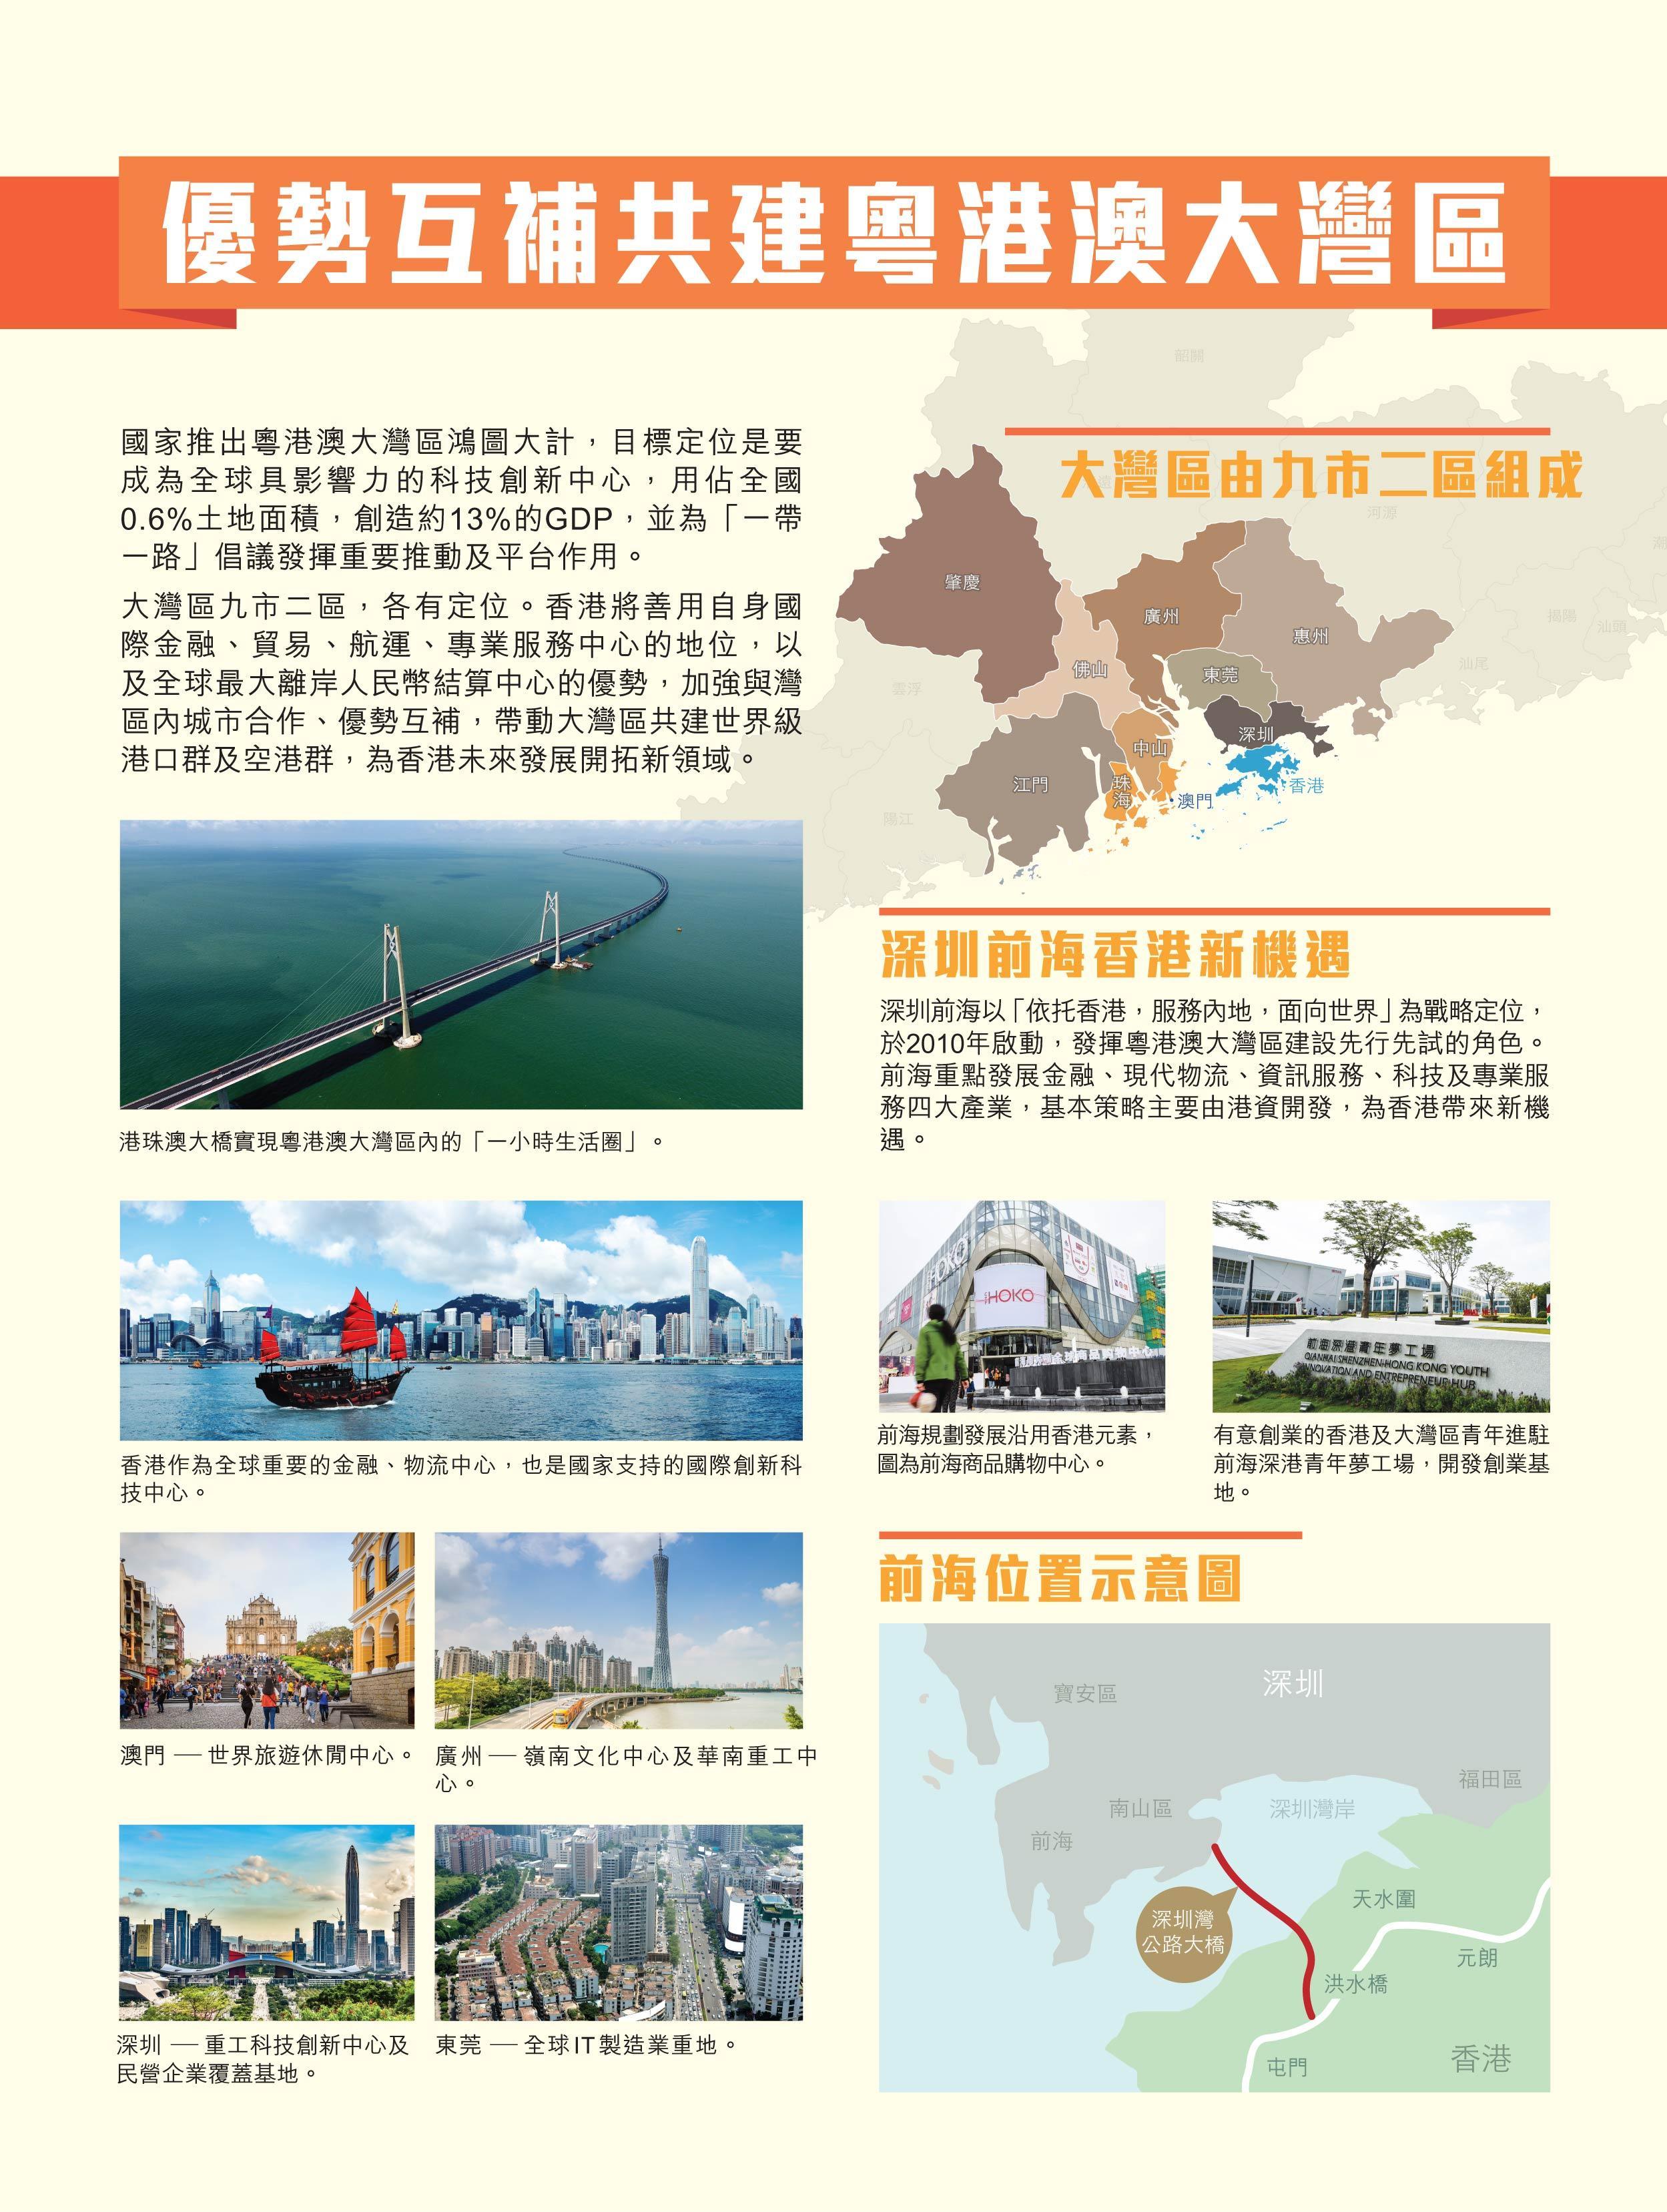 gaige_xiangganggongxian_panel_p9_aw_oct29_websize_youshihubu